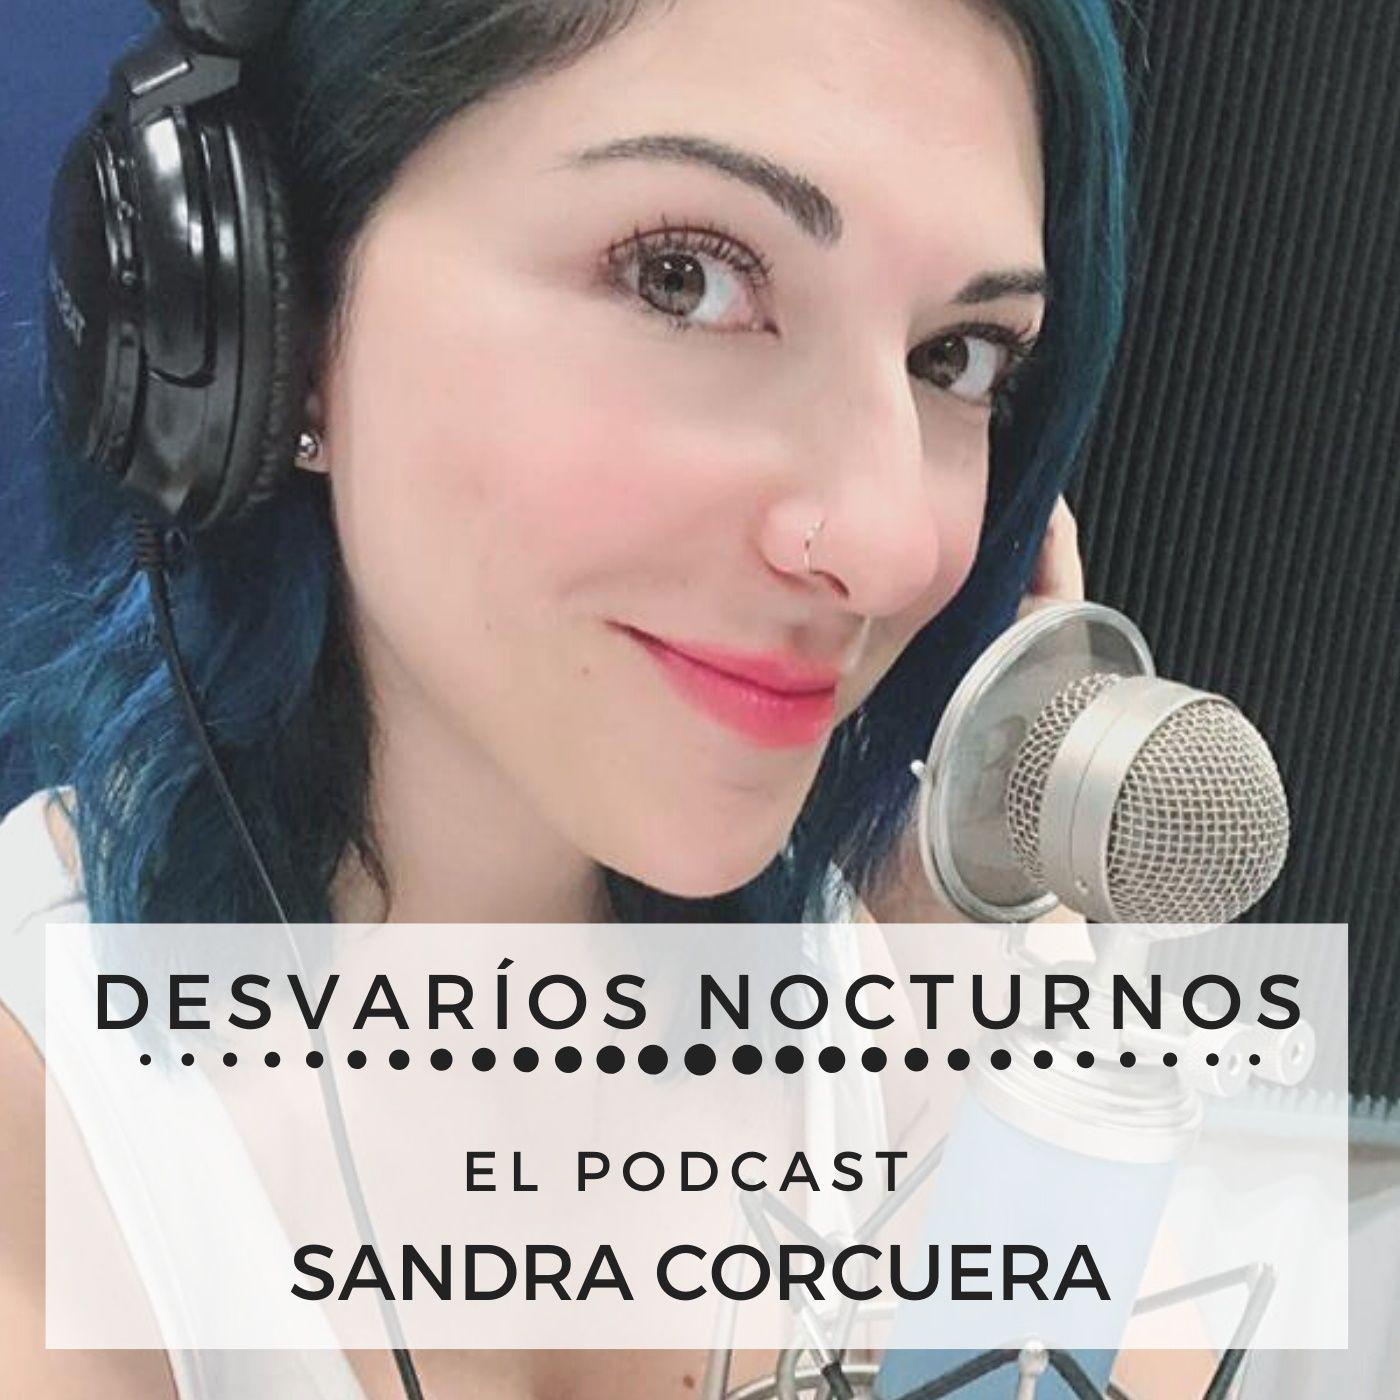 #DesvaríosNocturnos - Ruptura. ¿Por qué deberías alegrarte?